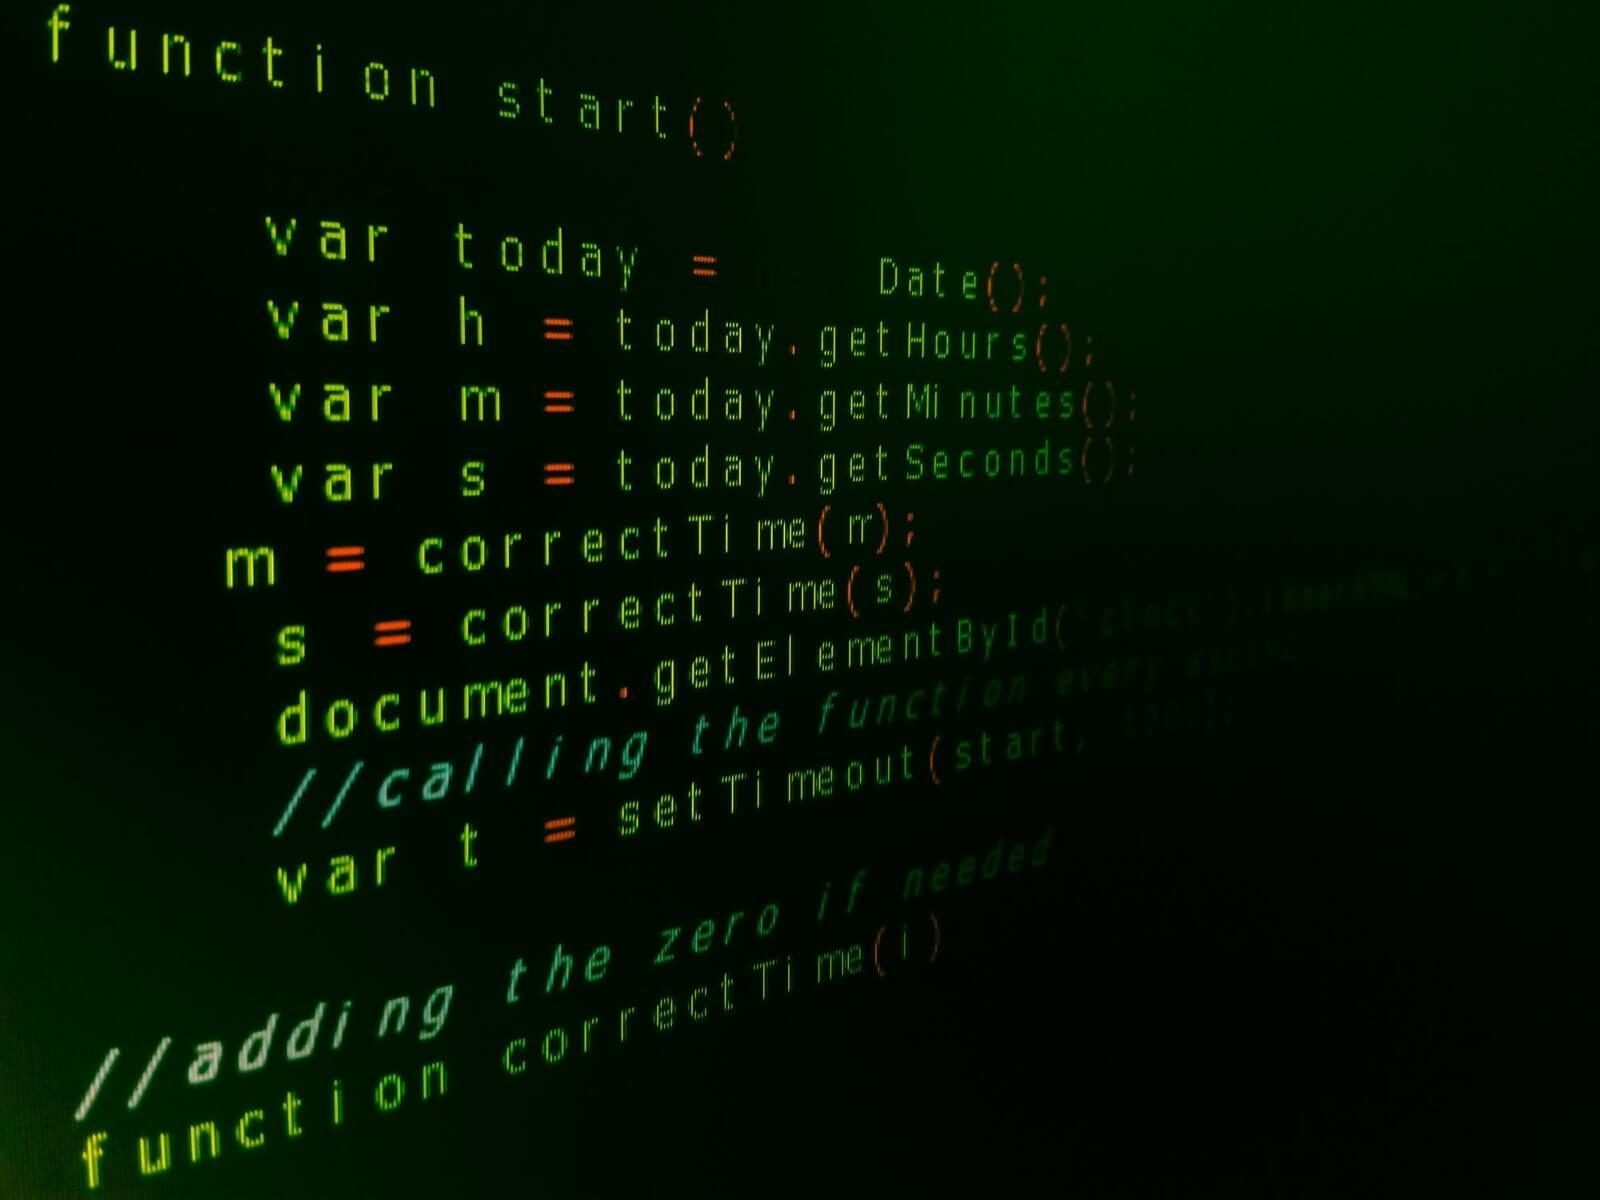 تابعهای جاوا اسکریپت